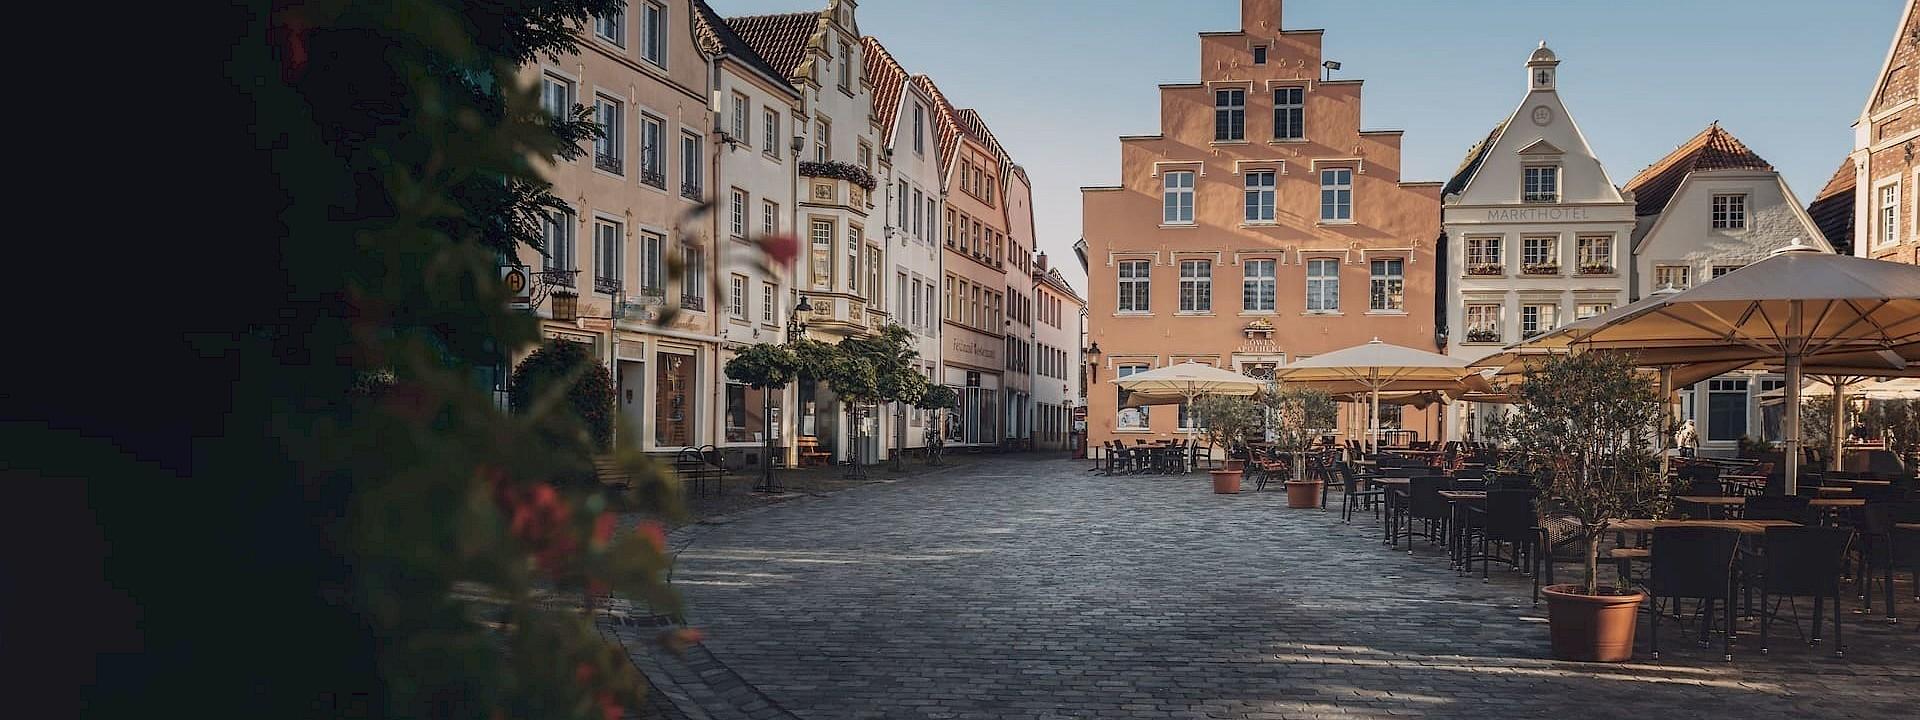 Im Dreiklang von Pferden, Altstadt und Natur Warendorf